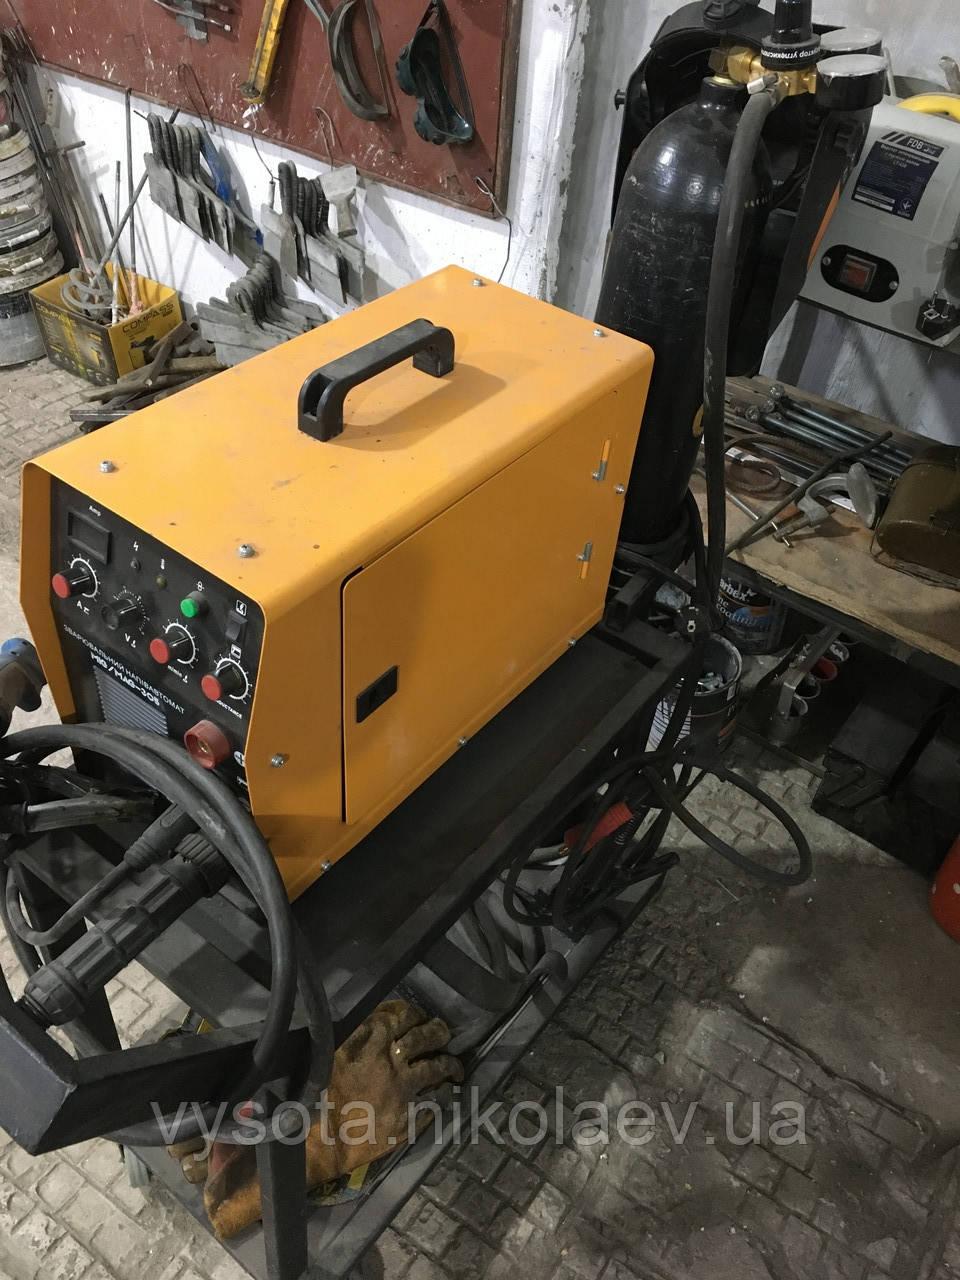 Сварочный полуавтомат-инвертор Kaiser MIG / MAG - 305 с баллоном и с тележкой